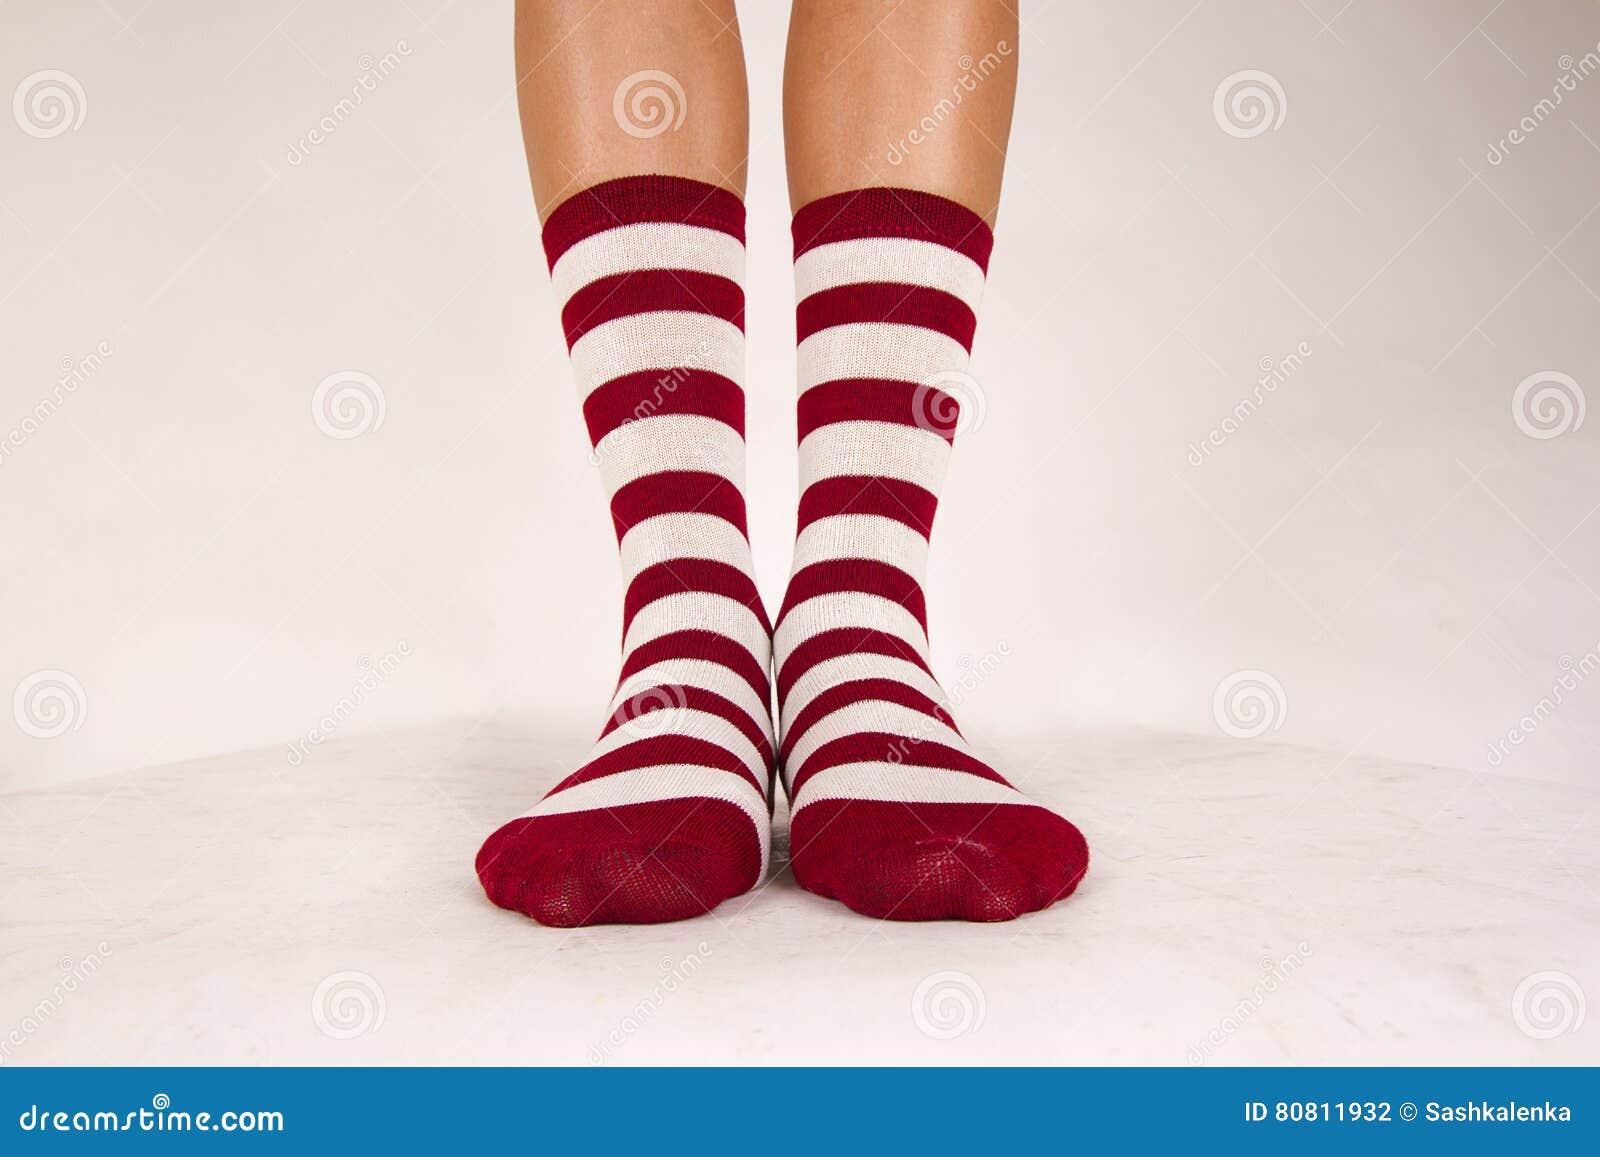 Geïsoleerd paar sokken